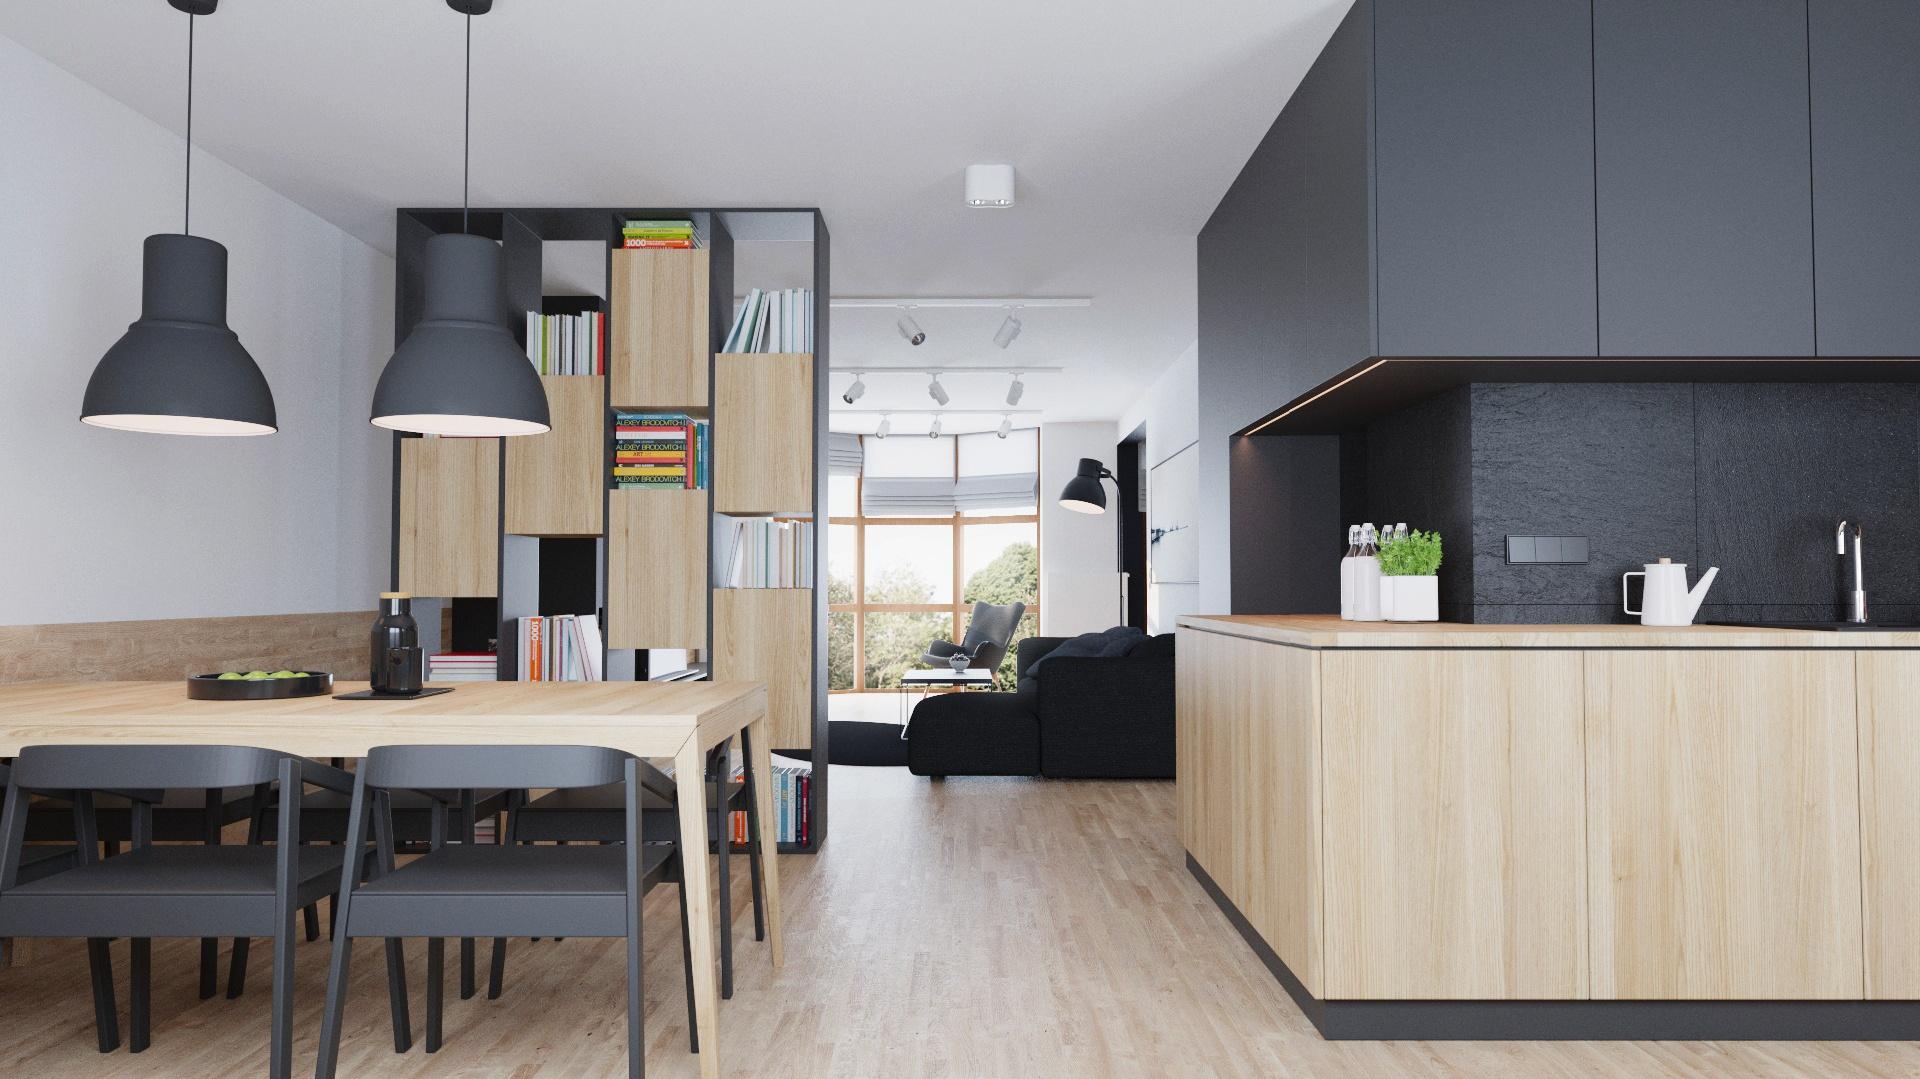 Umowną granicę pomiędzy strefą spożywania i przygotowywania posiłków a salonem wyznacza wysoka biblioteczka. Projekt i wizualizacje: 081 Architekci.